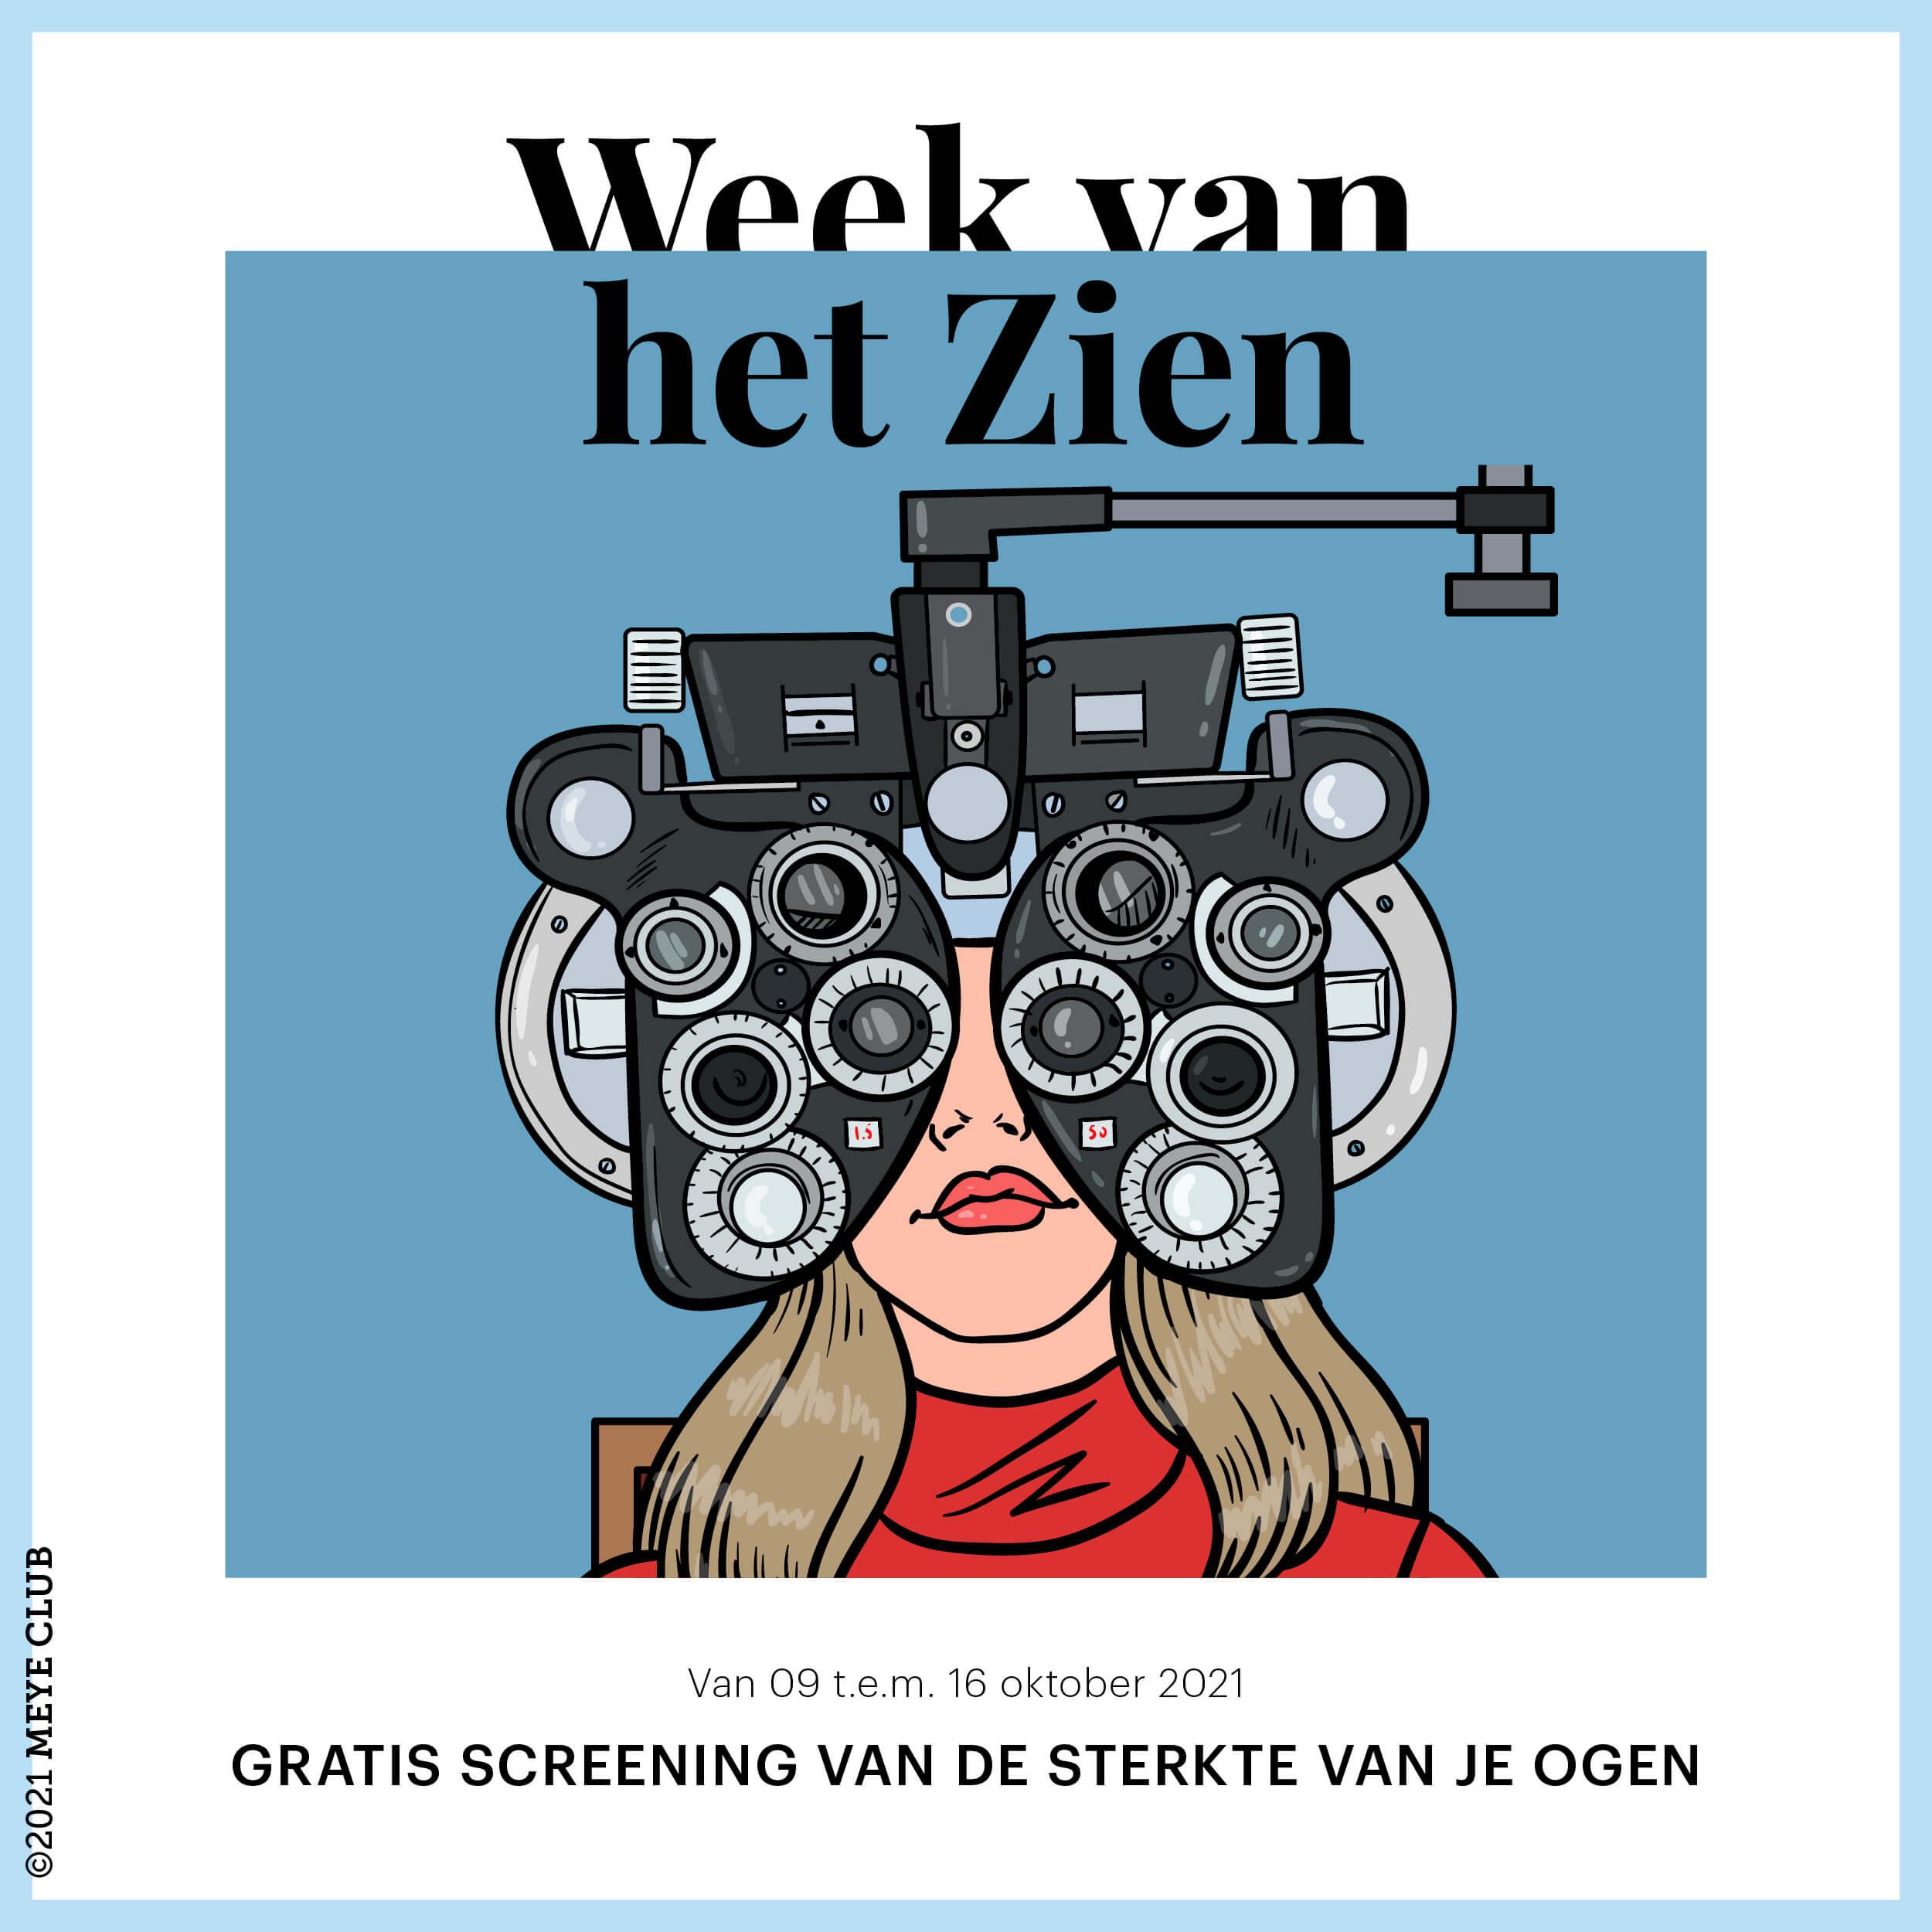 Gratis screening van de sterkte van de ogen*